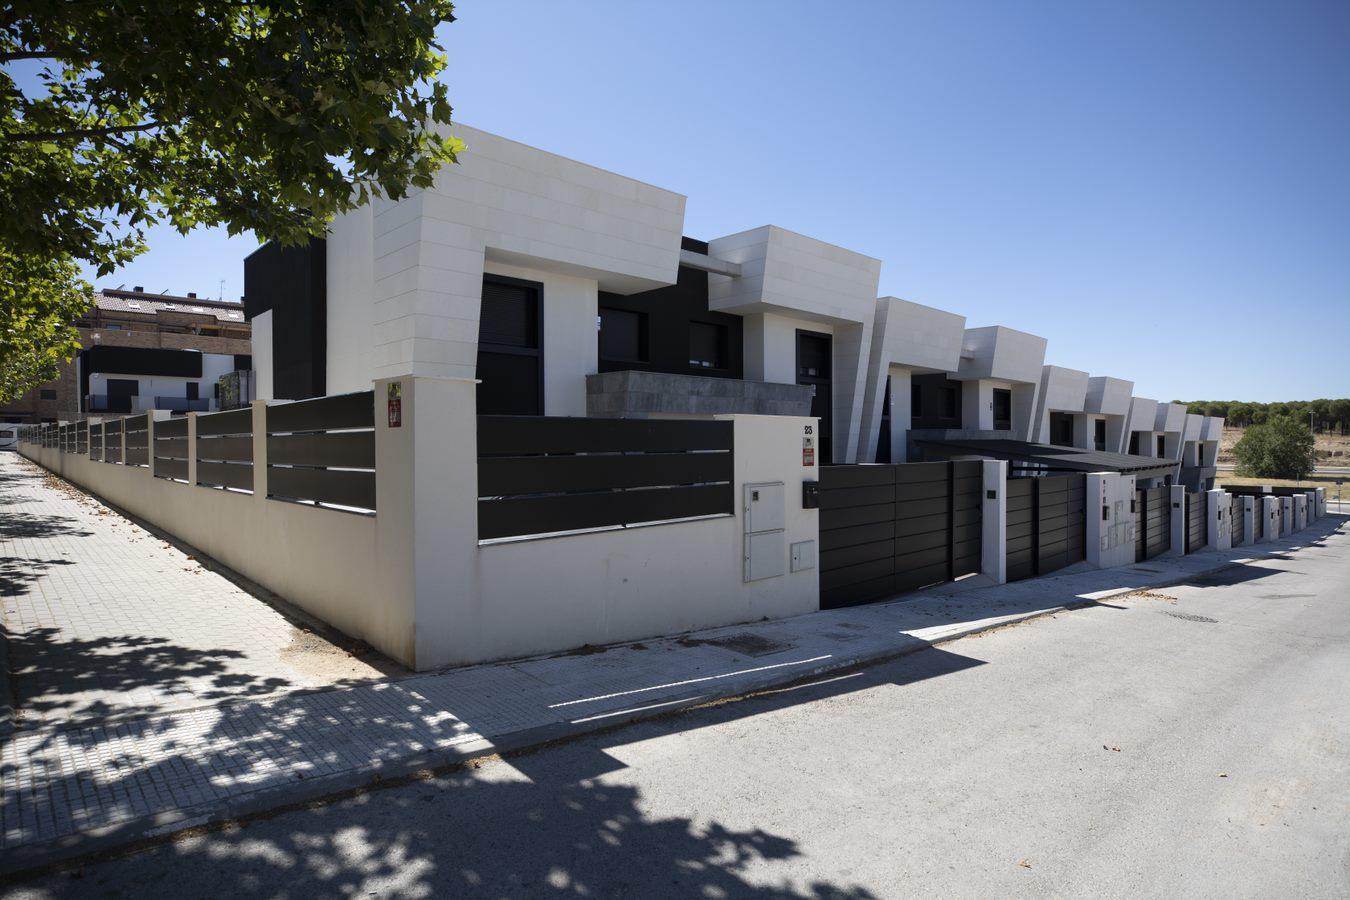 La venta de casas no pierde fuelle y supera al alquiler